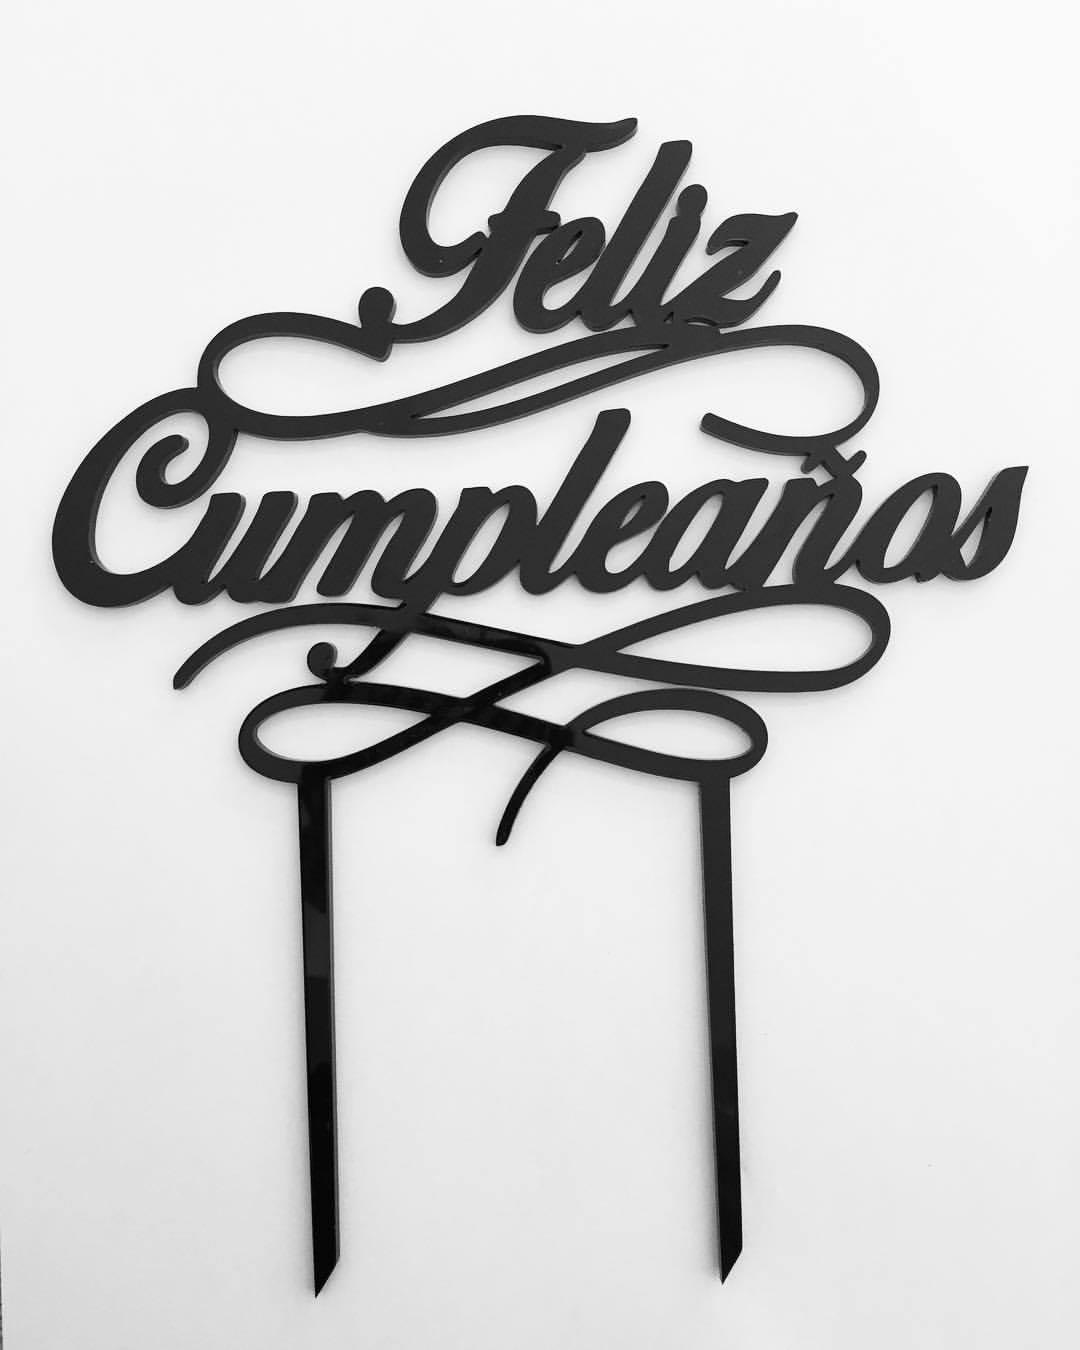 Letras_de_Feliz_Cumpleaños_en_metacrilato_para_decorar_tu_tarta